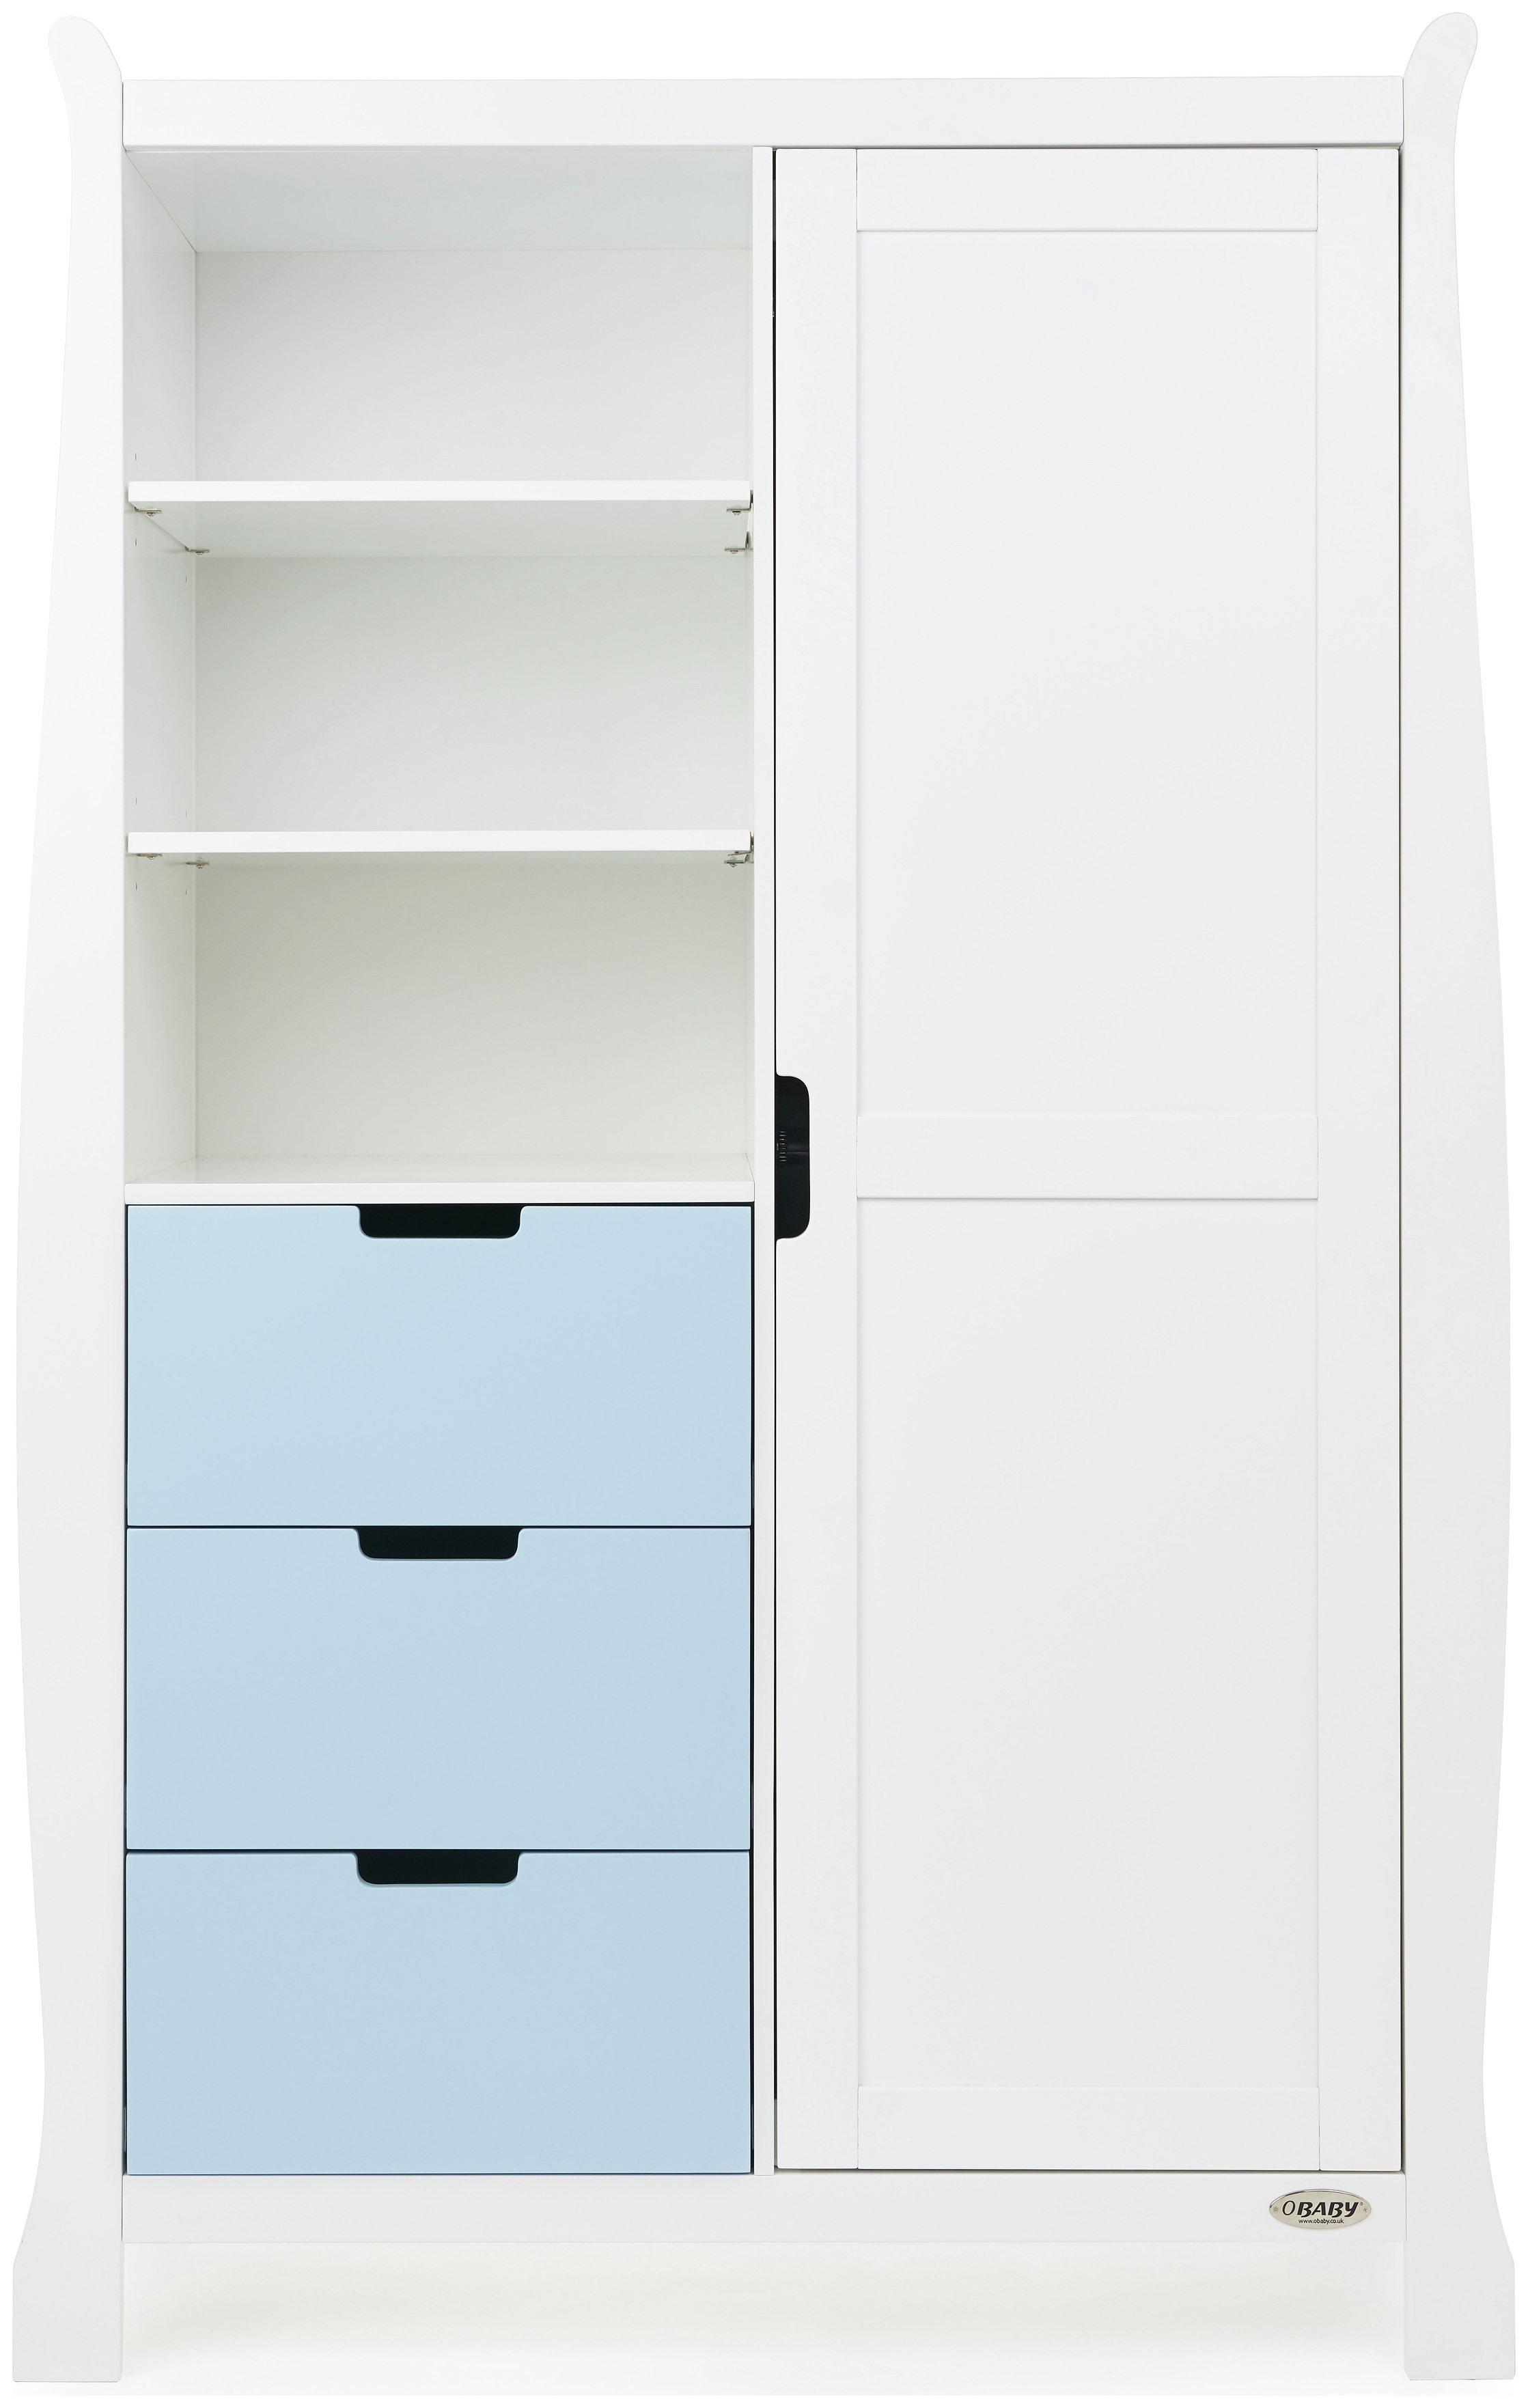 Image of Obaby Stamford Sleigh Double Wardrobe - White & Bonbon Blue